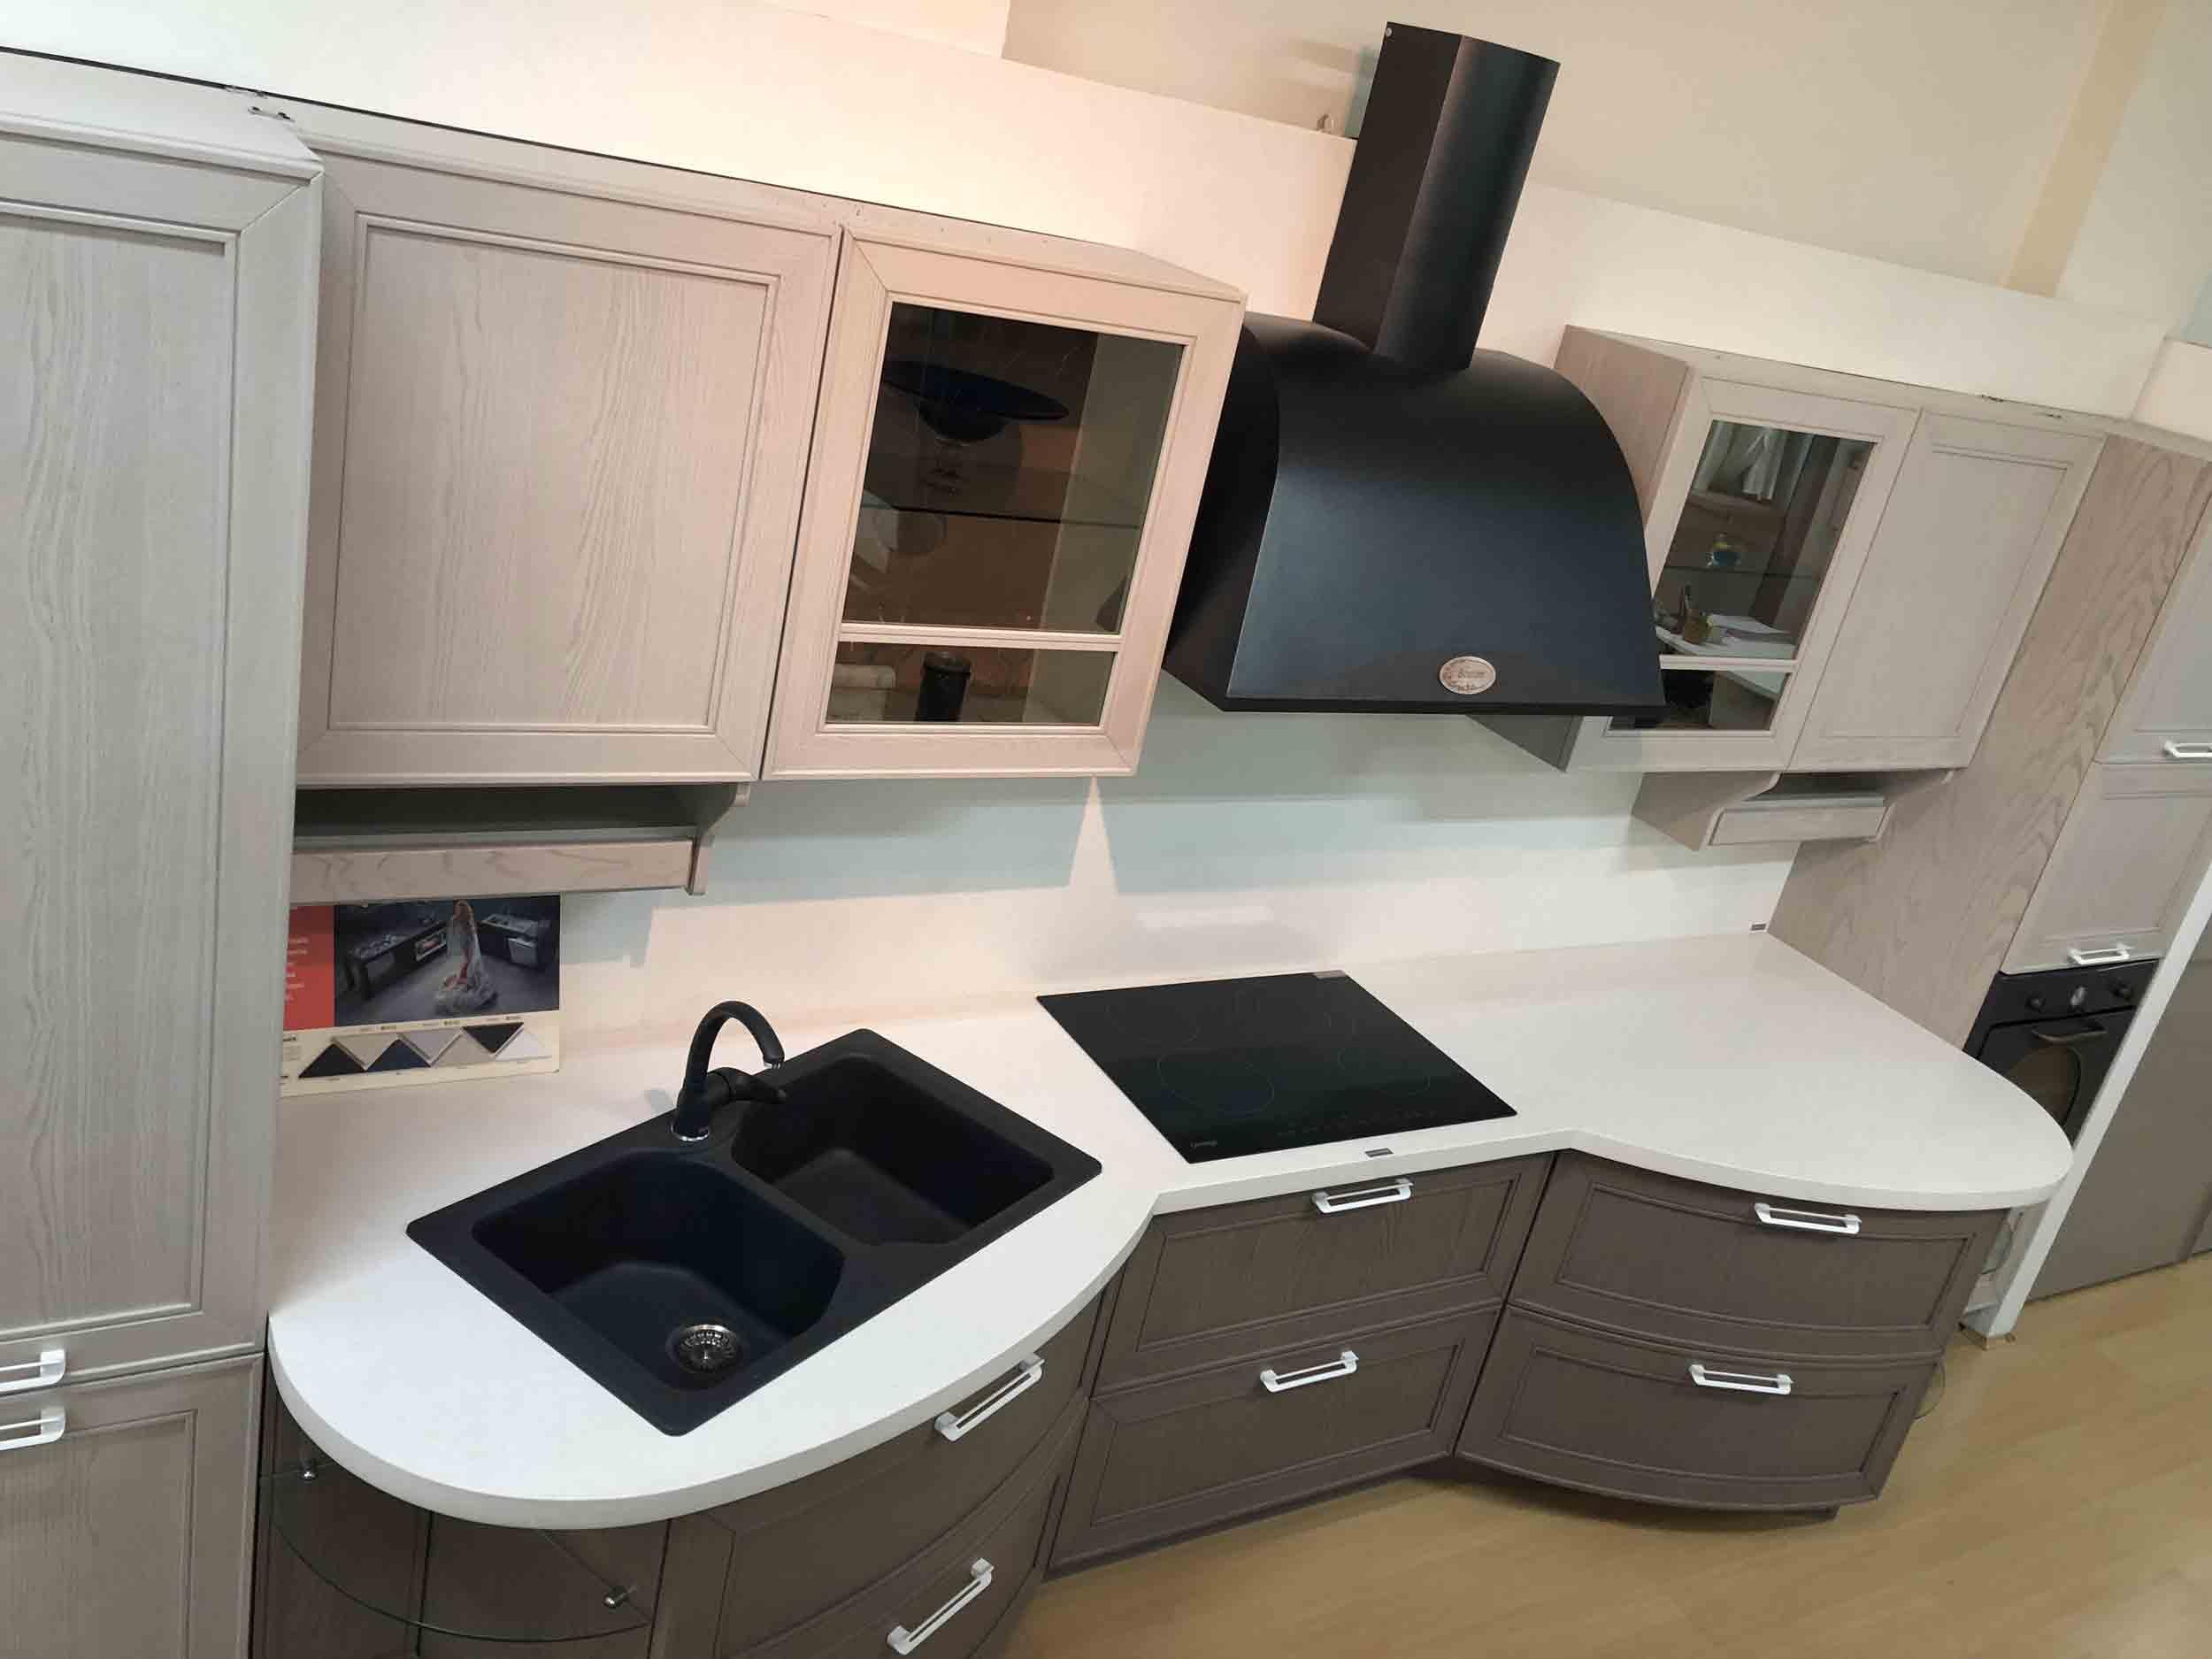 Ex-Display kitchen on sale now